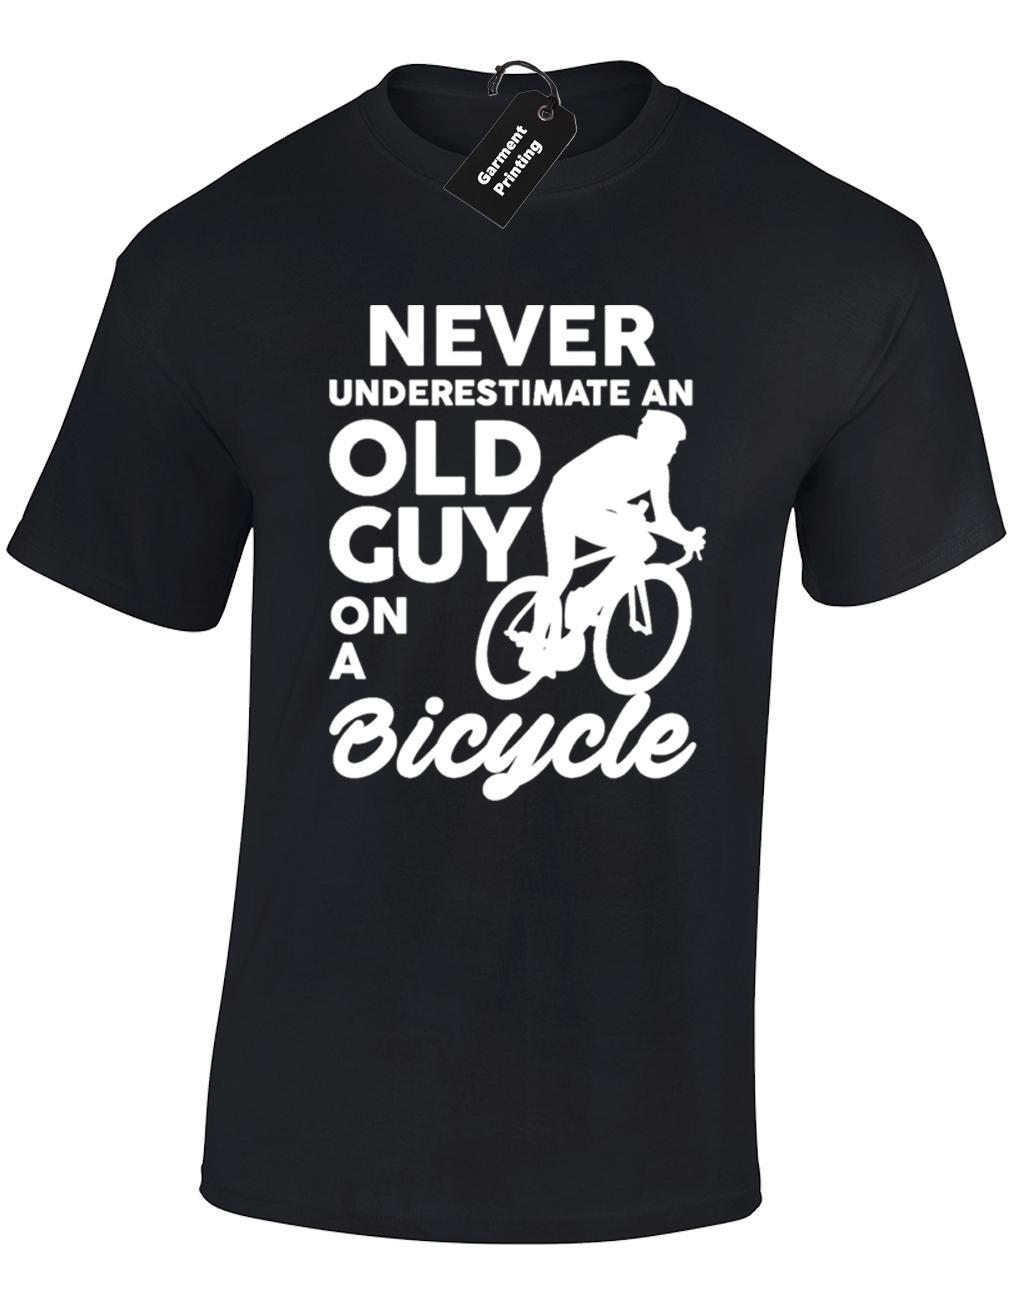 لا نقلل من العمر غي رجل تي شيرت الدراج تصميم هدية فكرة جديدة القمصان مضحك القمم المحملة جديد شحن مجاني